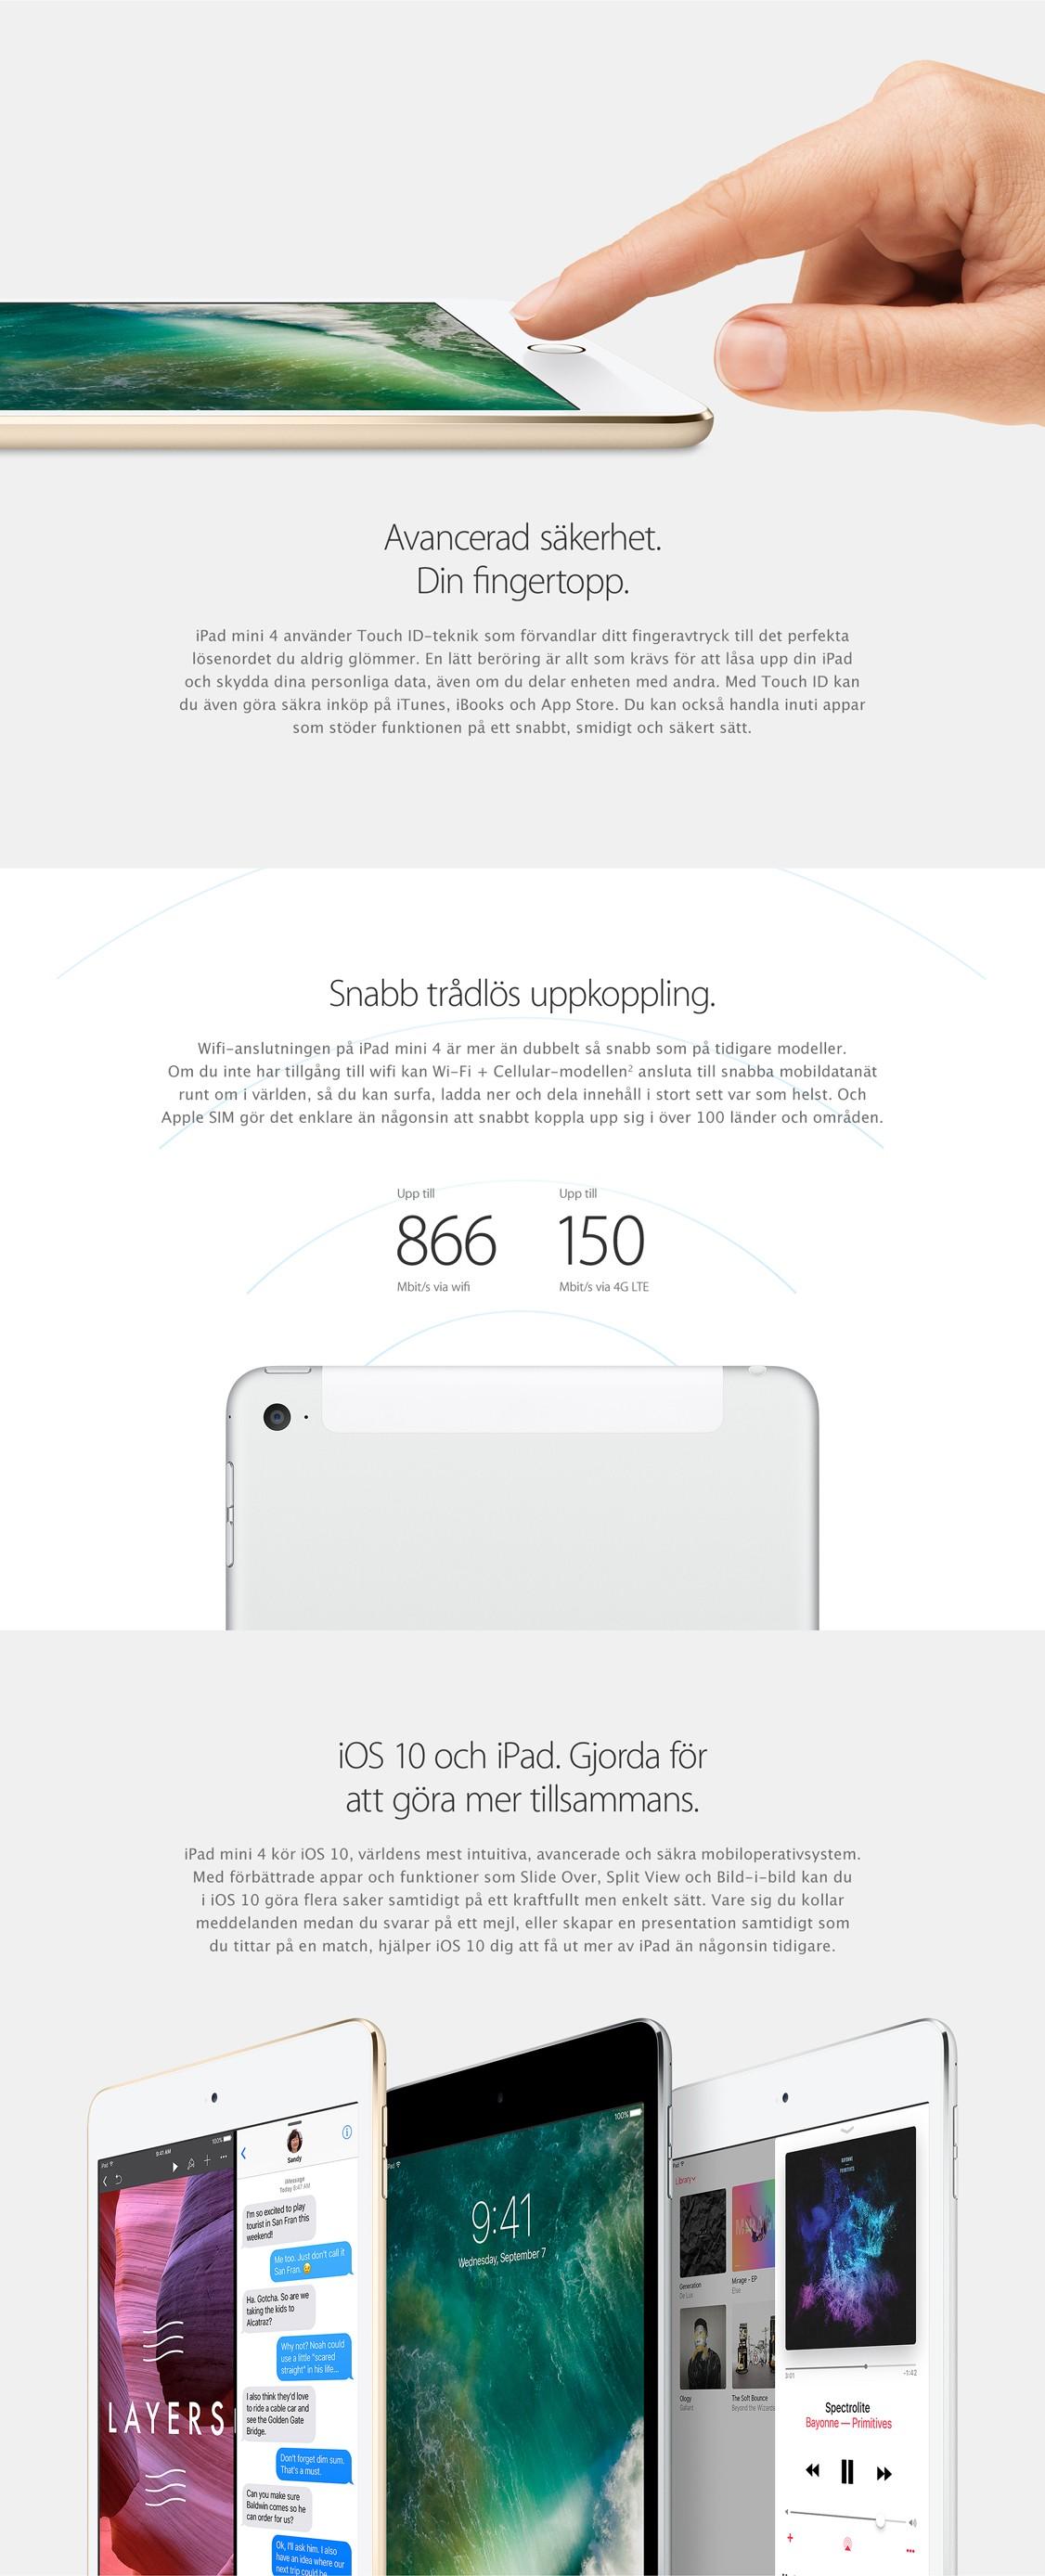 iPad mini 4 är säker, trygg och ger en otrolig användarupplevelse